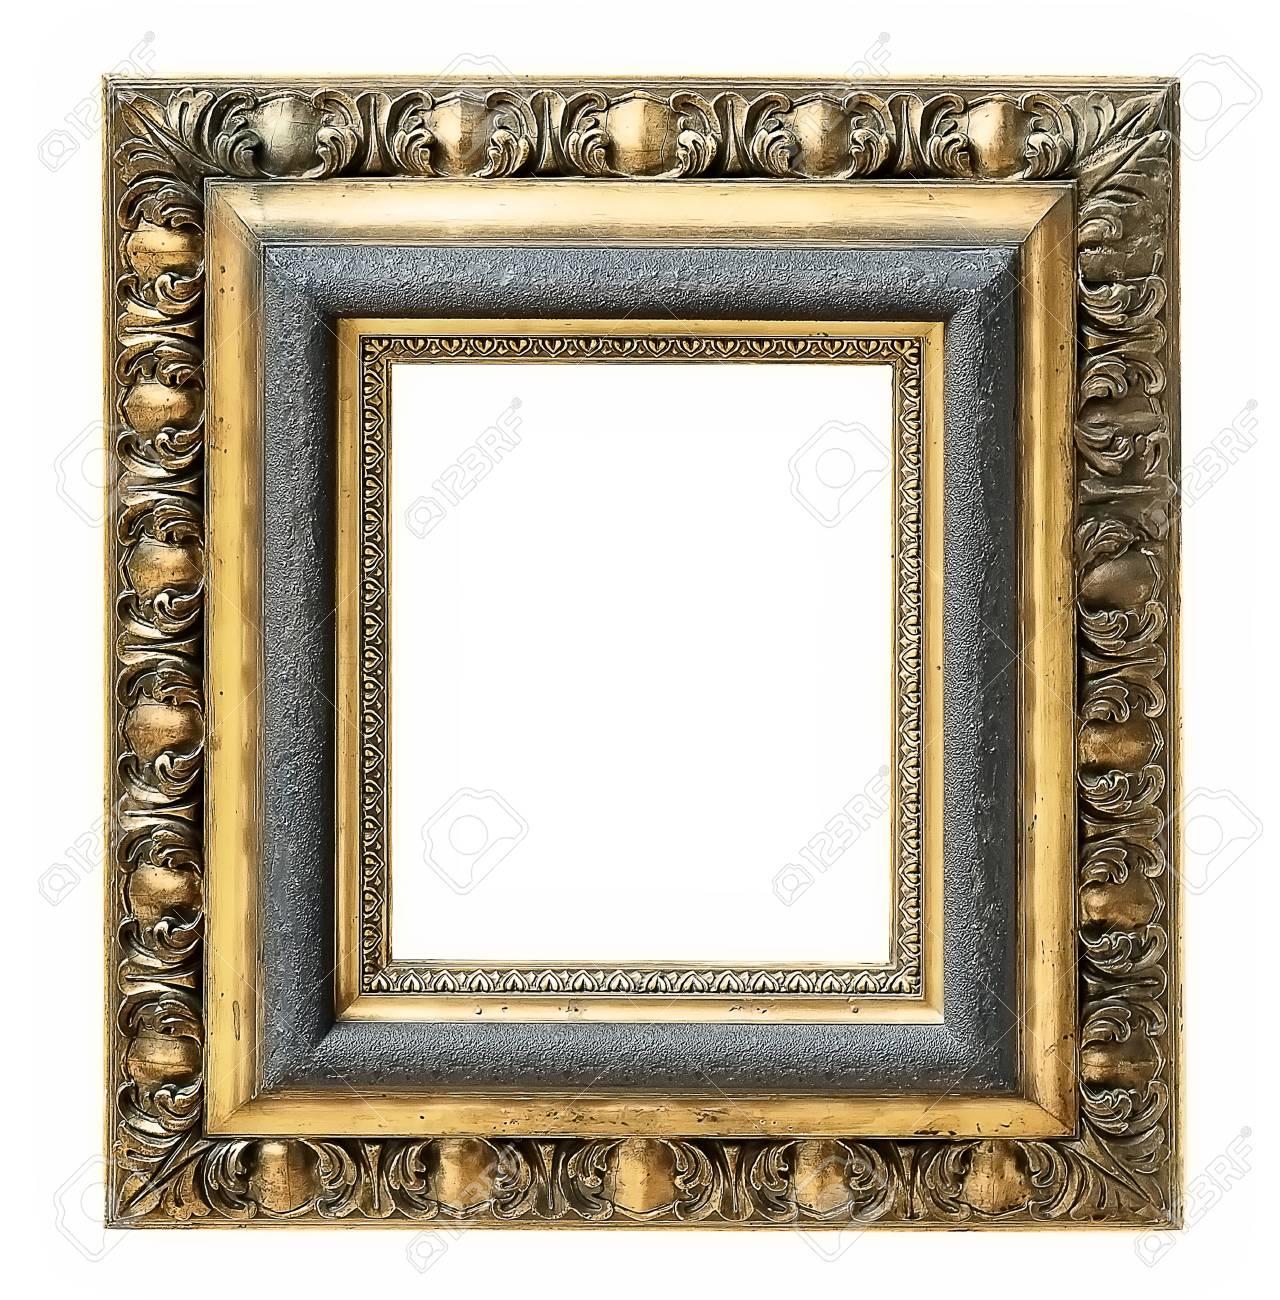 Goldrahmen Für Gemälde, Spiegel Oder Fotos Lizenzfreie Fotos, Bilder ...